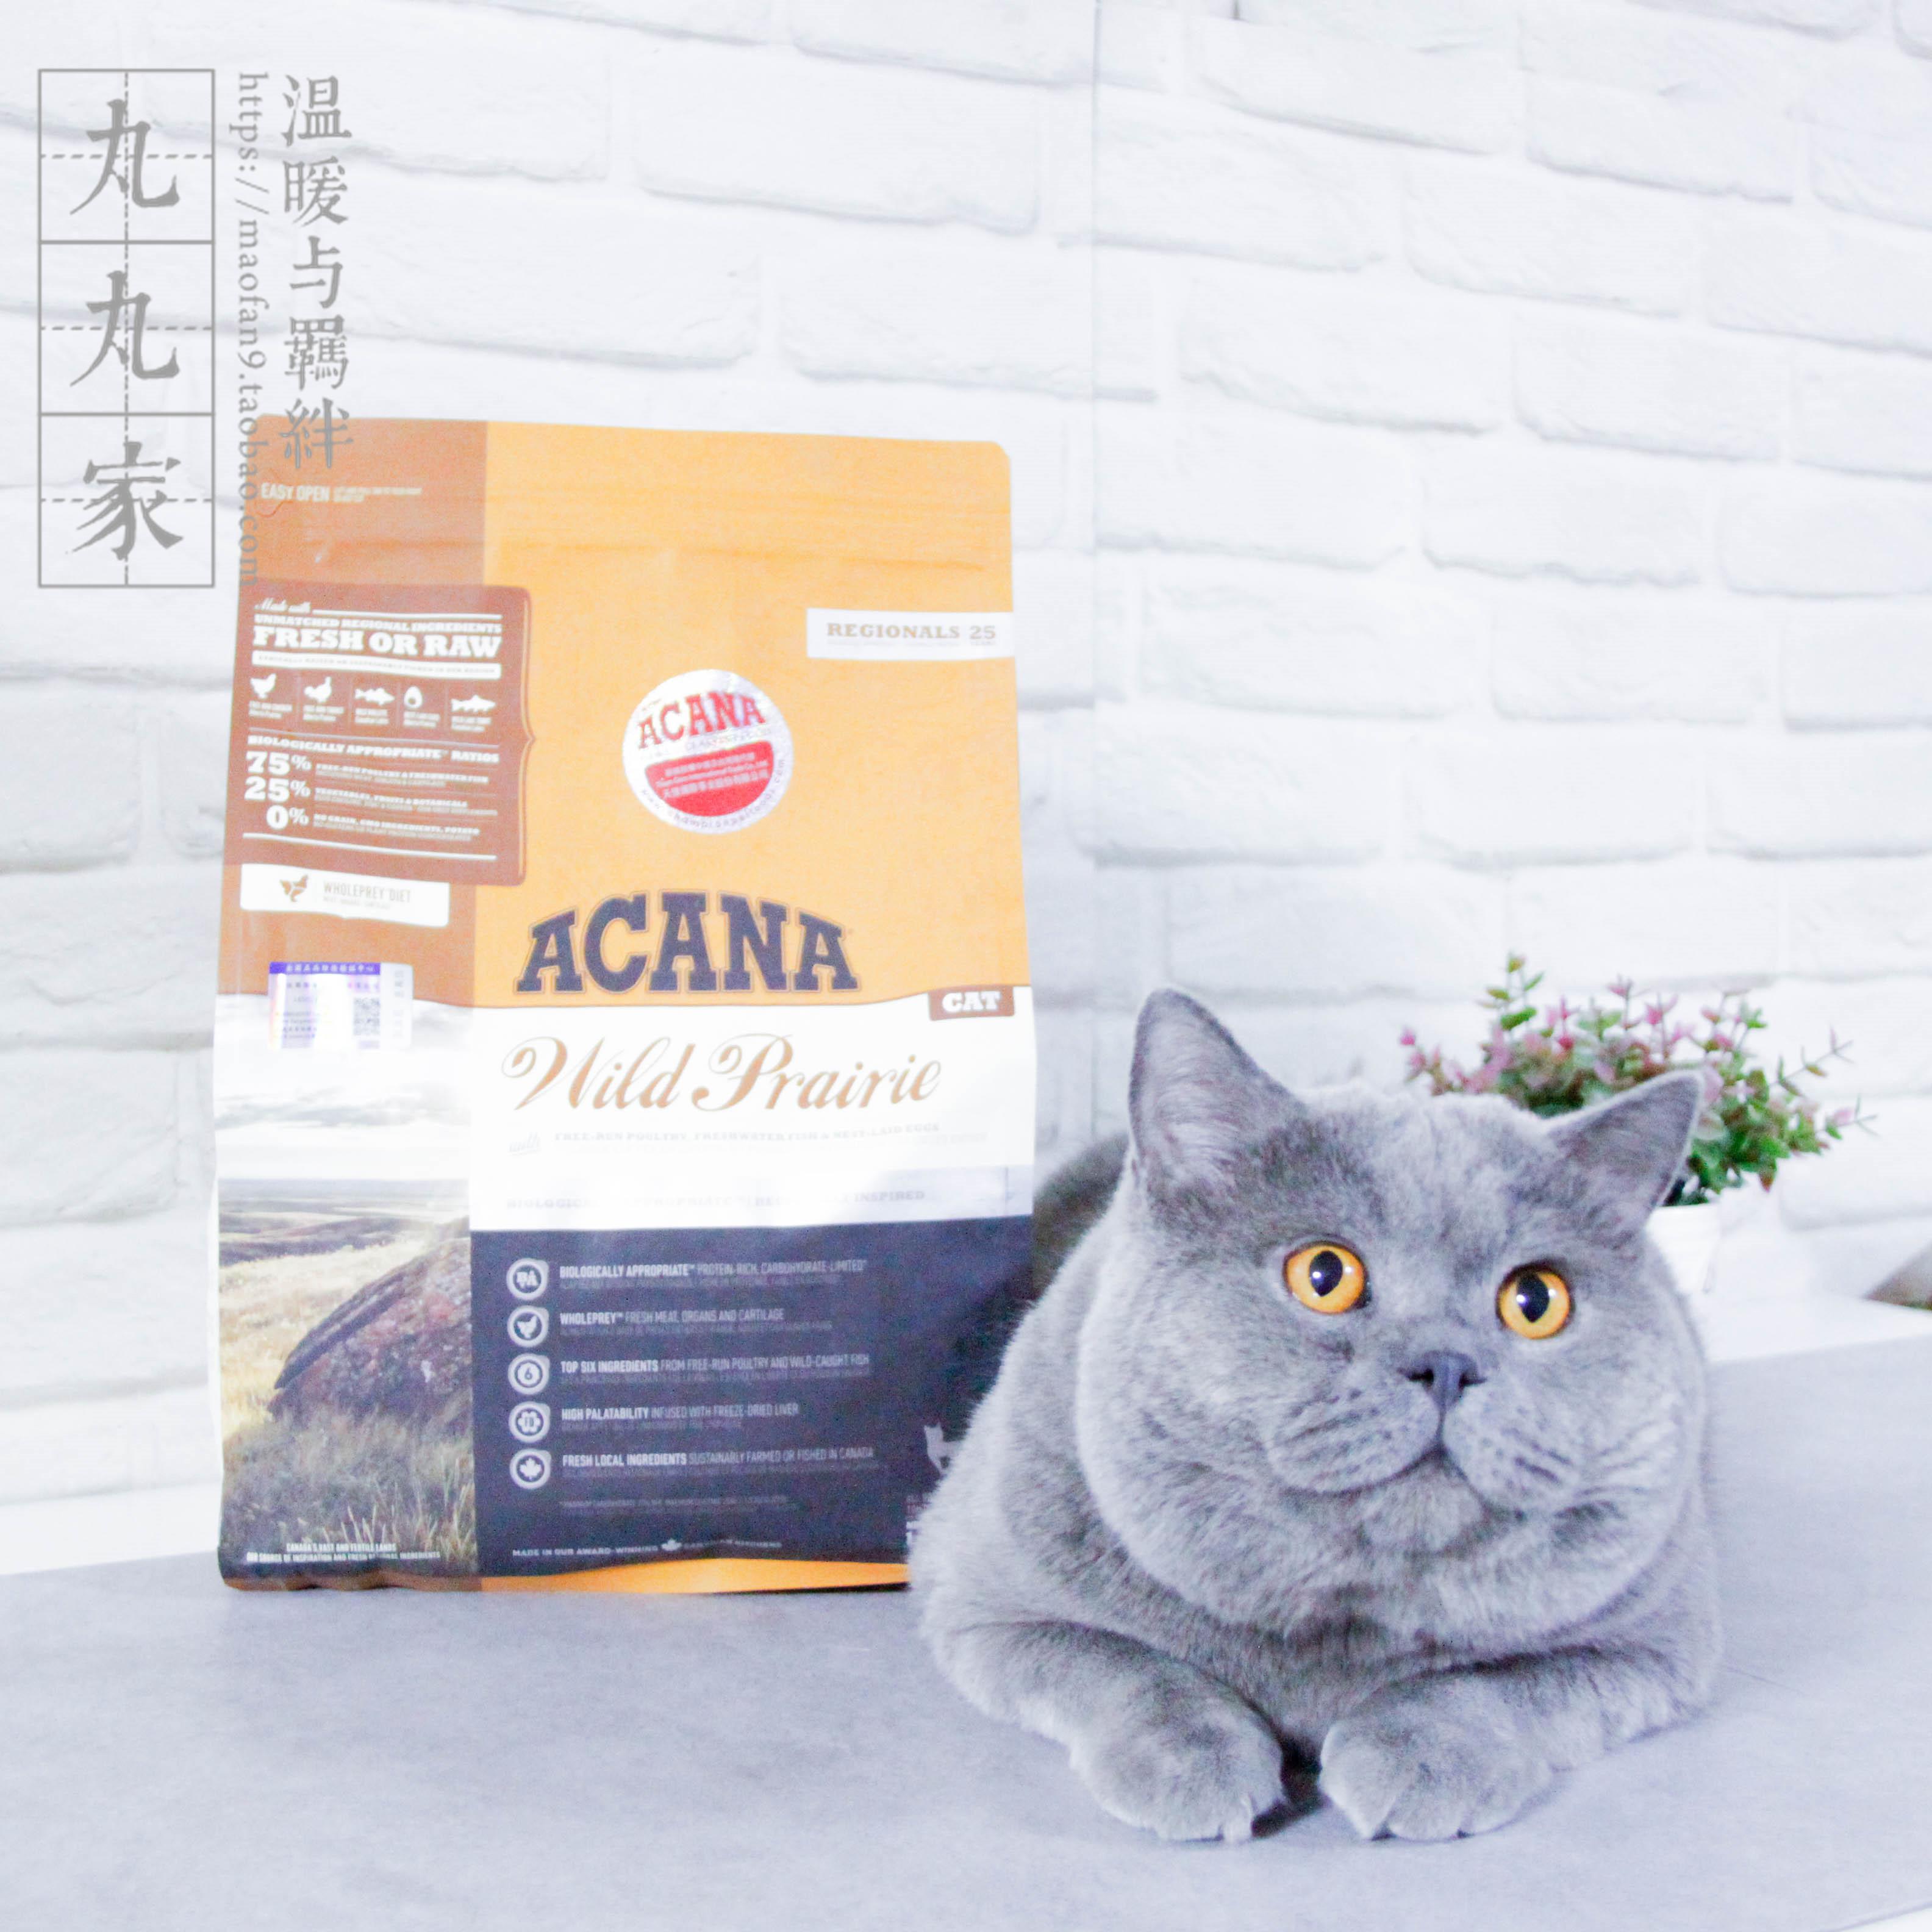 丸丸家 渴望同厂 爱肯拿ACANA无谷鸡肉鱼全猫粮幼猫成猫粮1.8KG